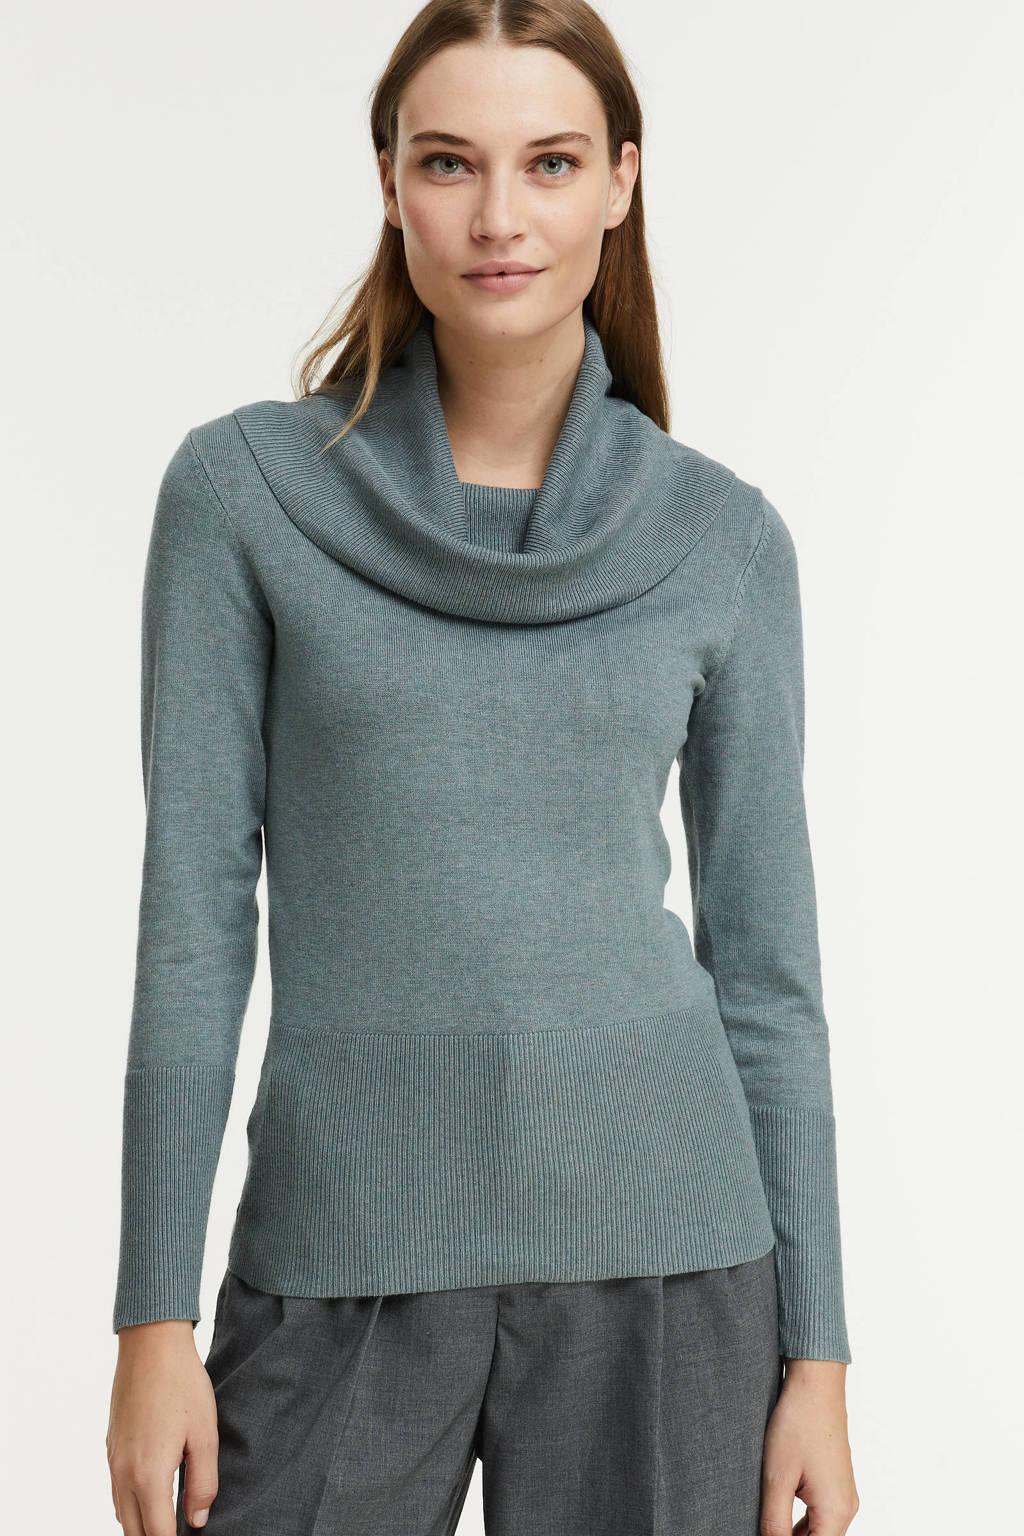 Soyaconcept gebreide trui Dollie 305 grijsblauw, Grijsblauw